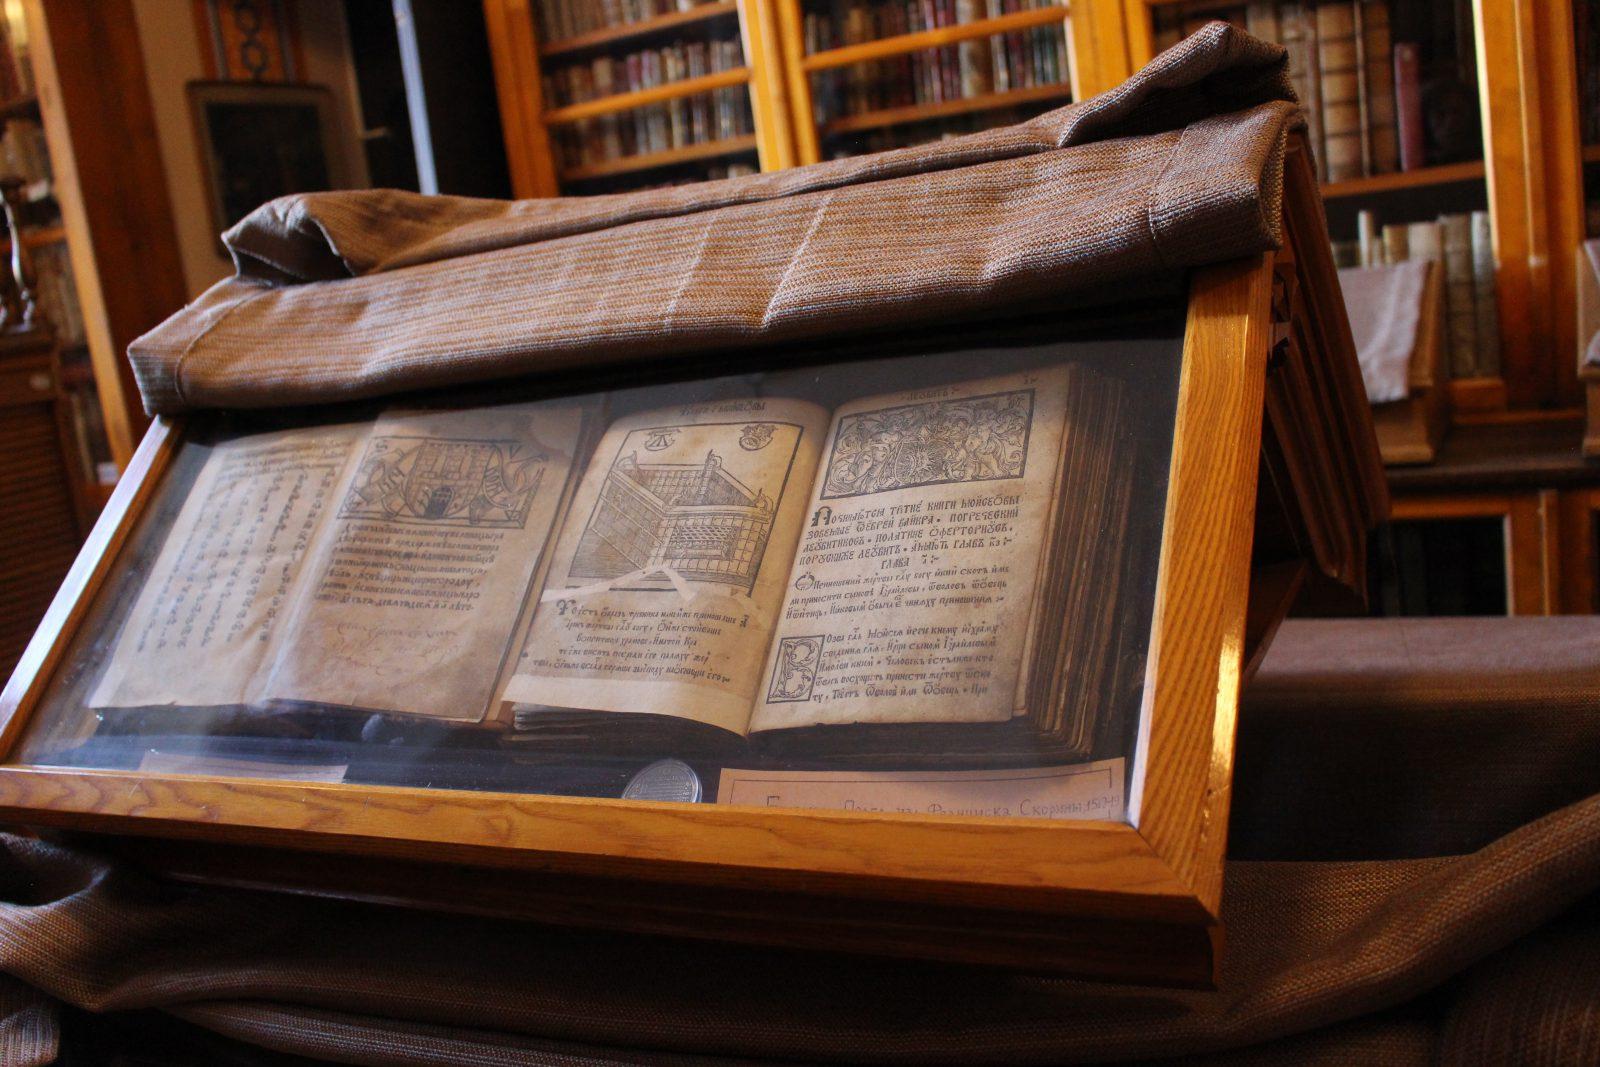 Saint-petersbourg Bibliothèque Voltaire livres anciens incunable